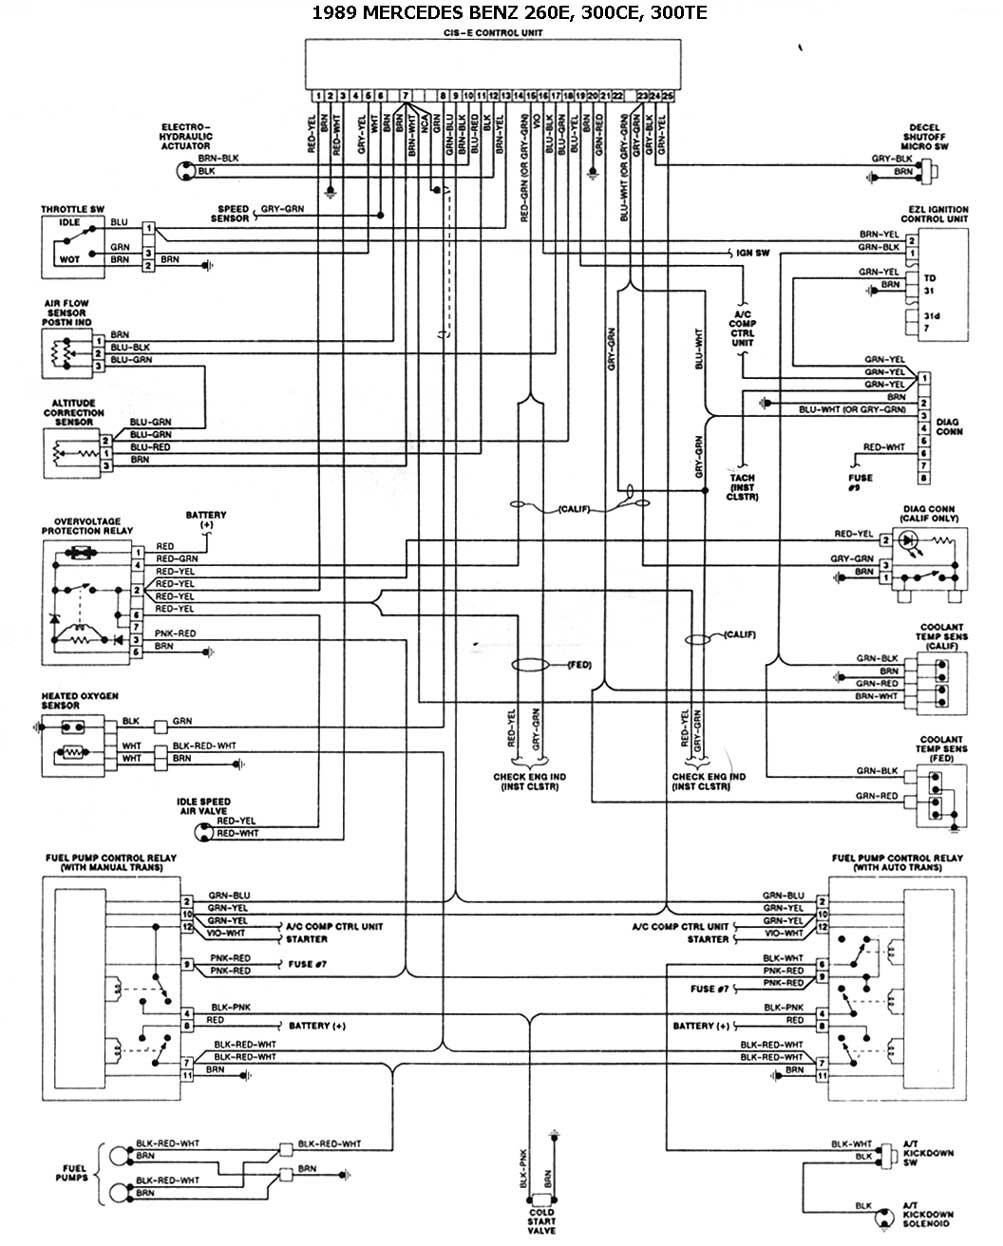 Mercedes Benz Diagrama del motor